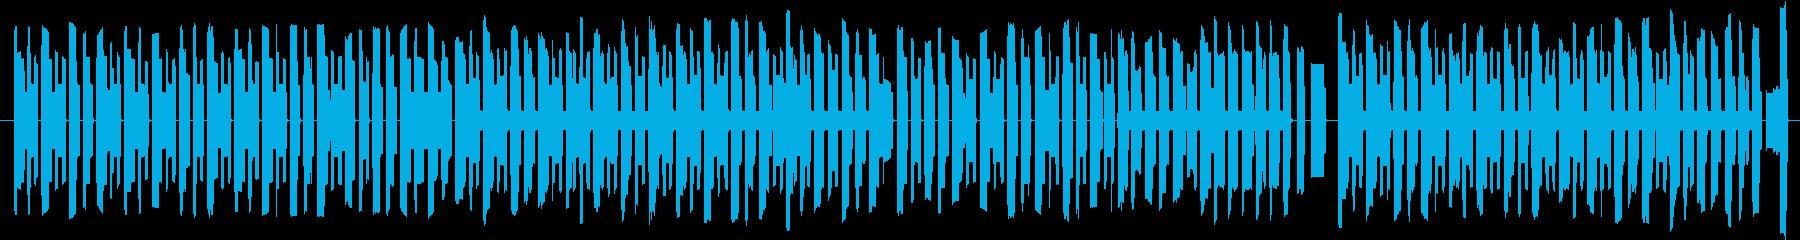 明るく楽しい8bit風BGMの再生済みの波形